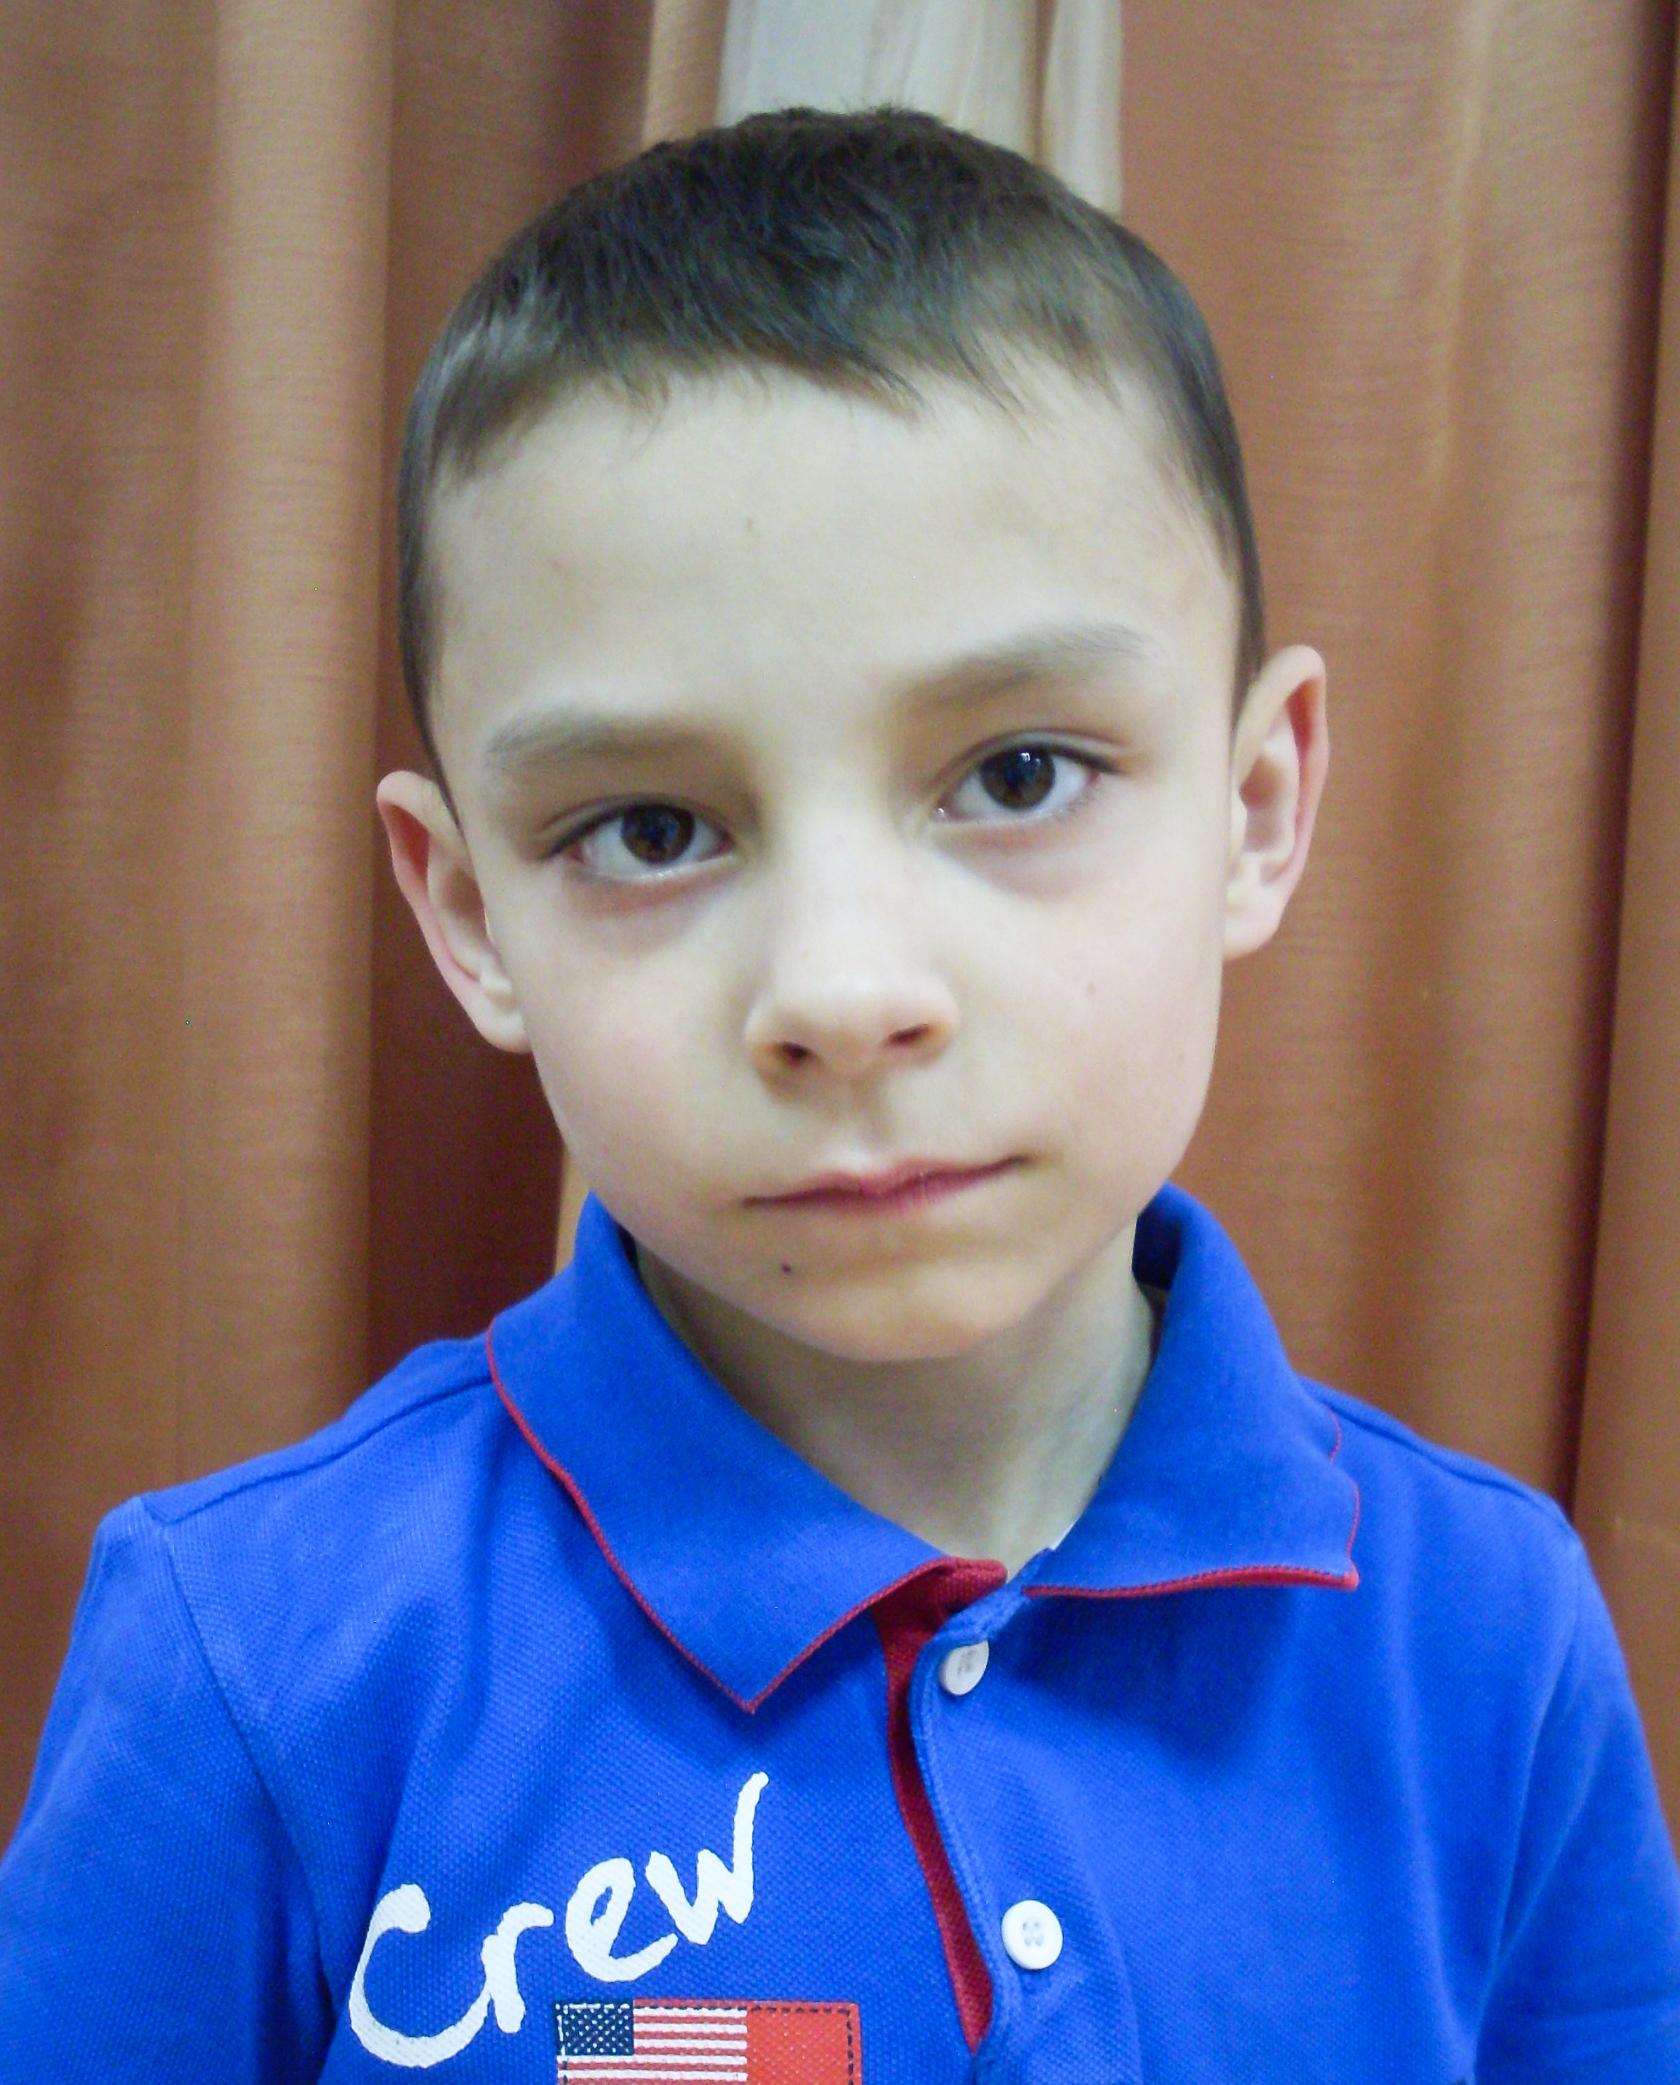 Банк данных детей сирот украина фото